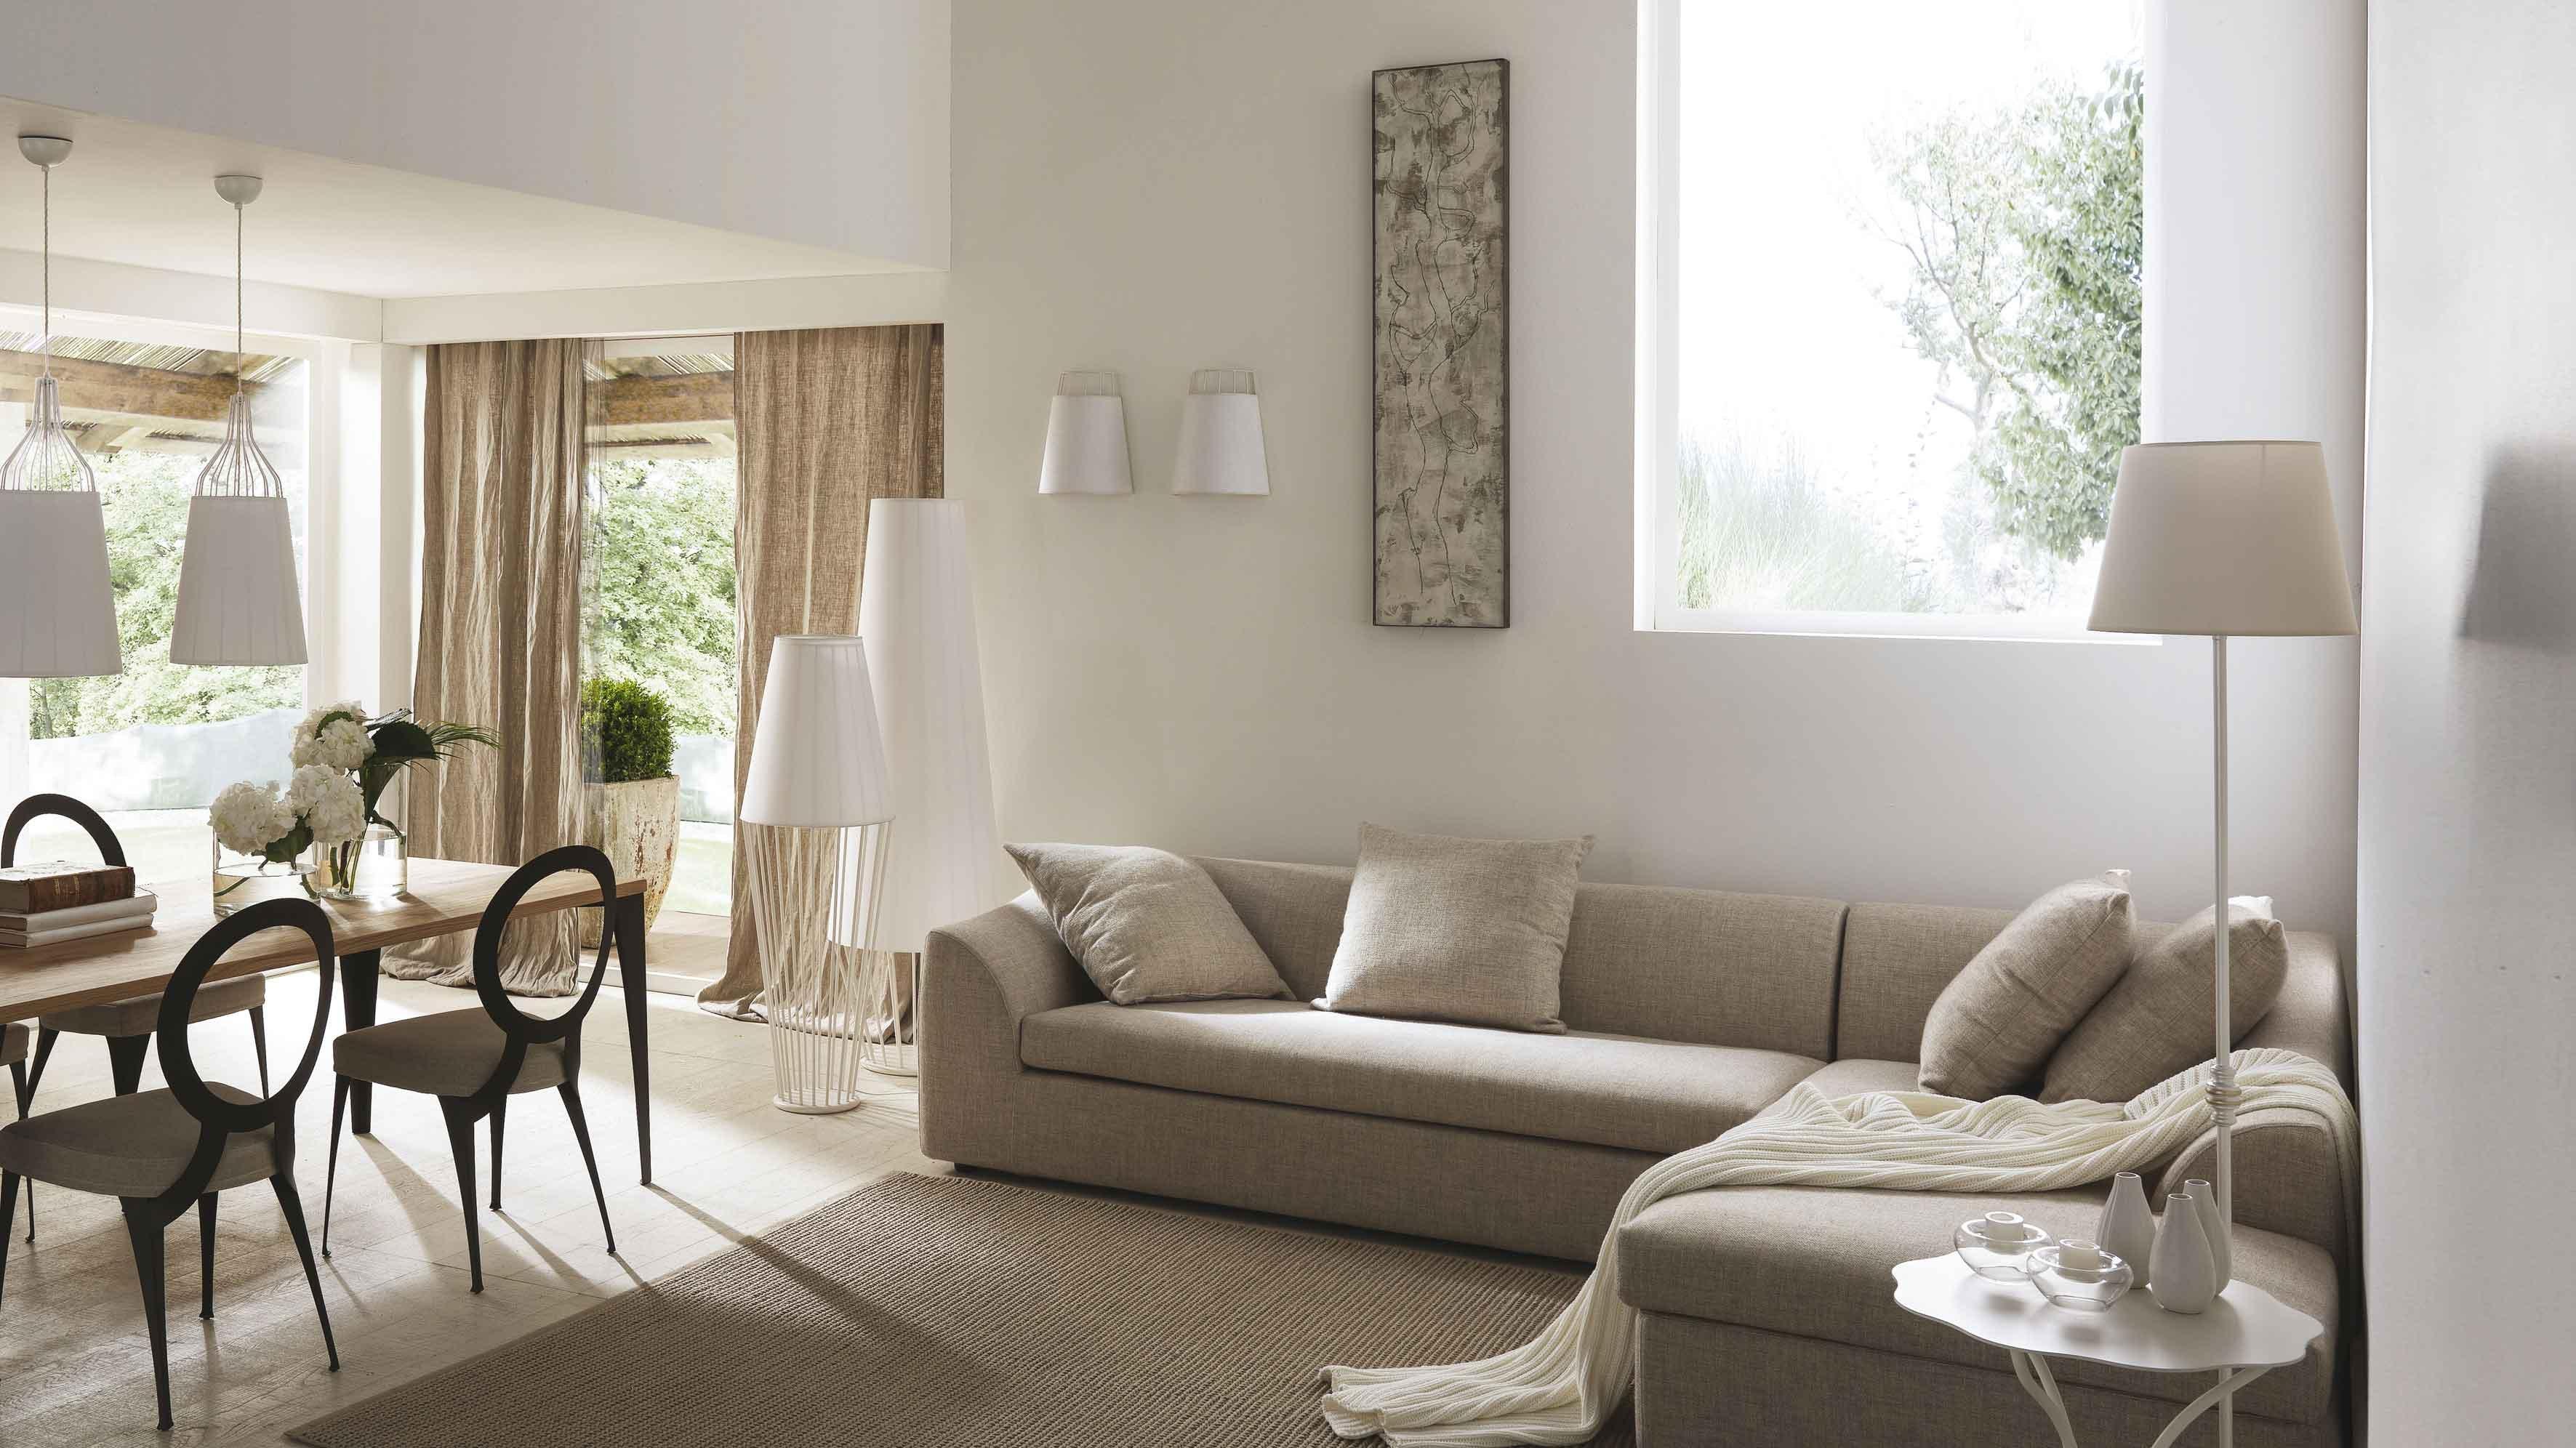 mercatone uno divani angolari : Divani Trecate in offerta, divani promozioni e sconti in ...